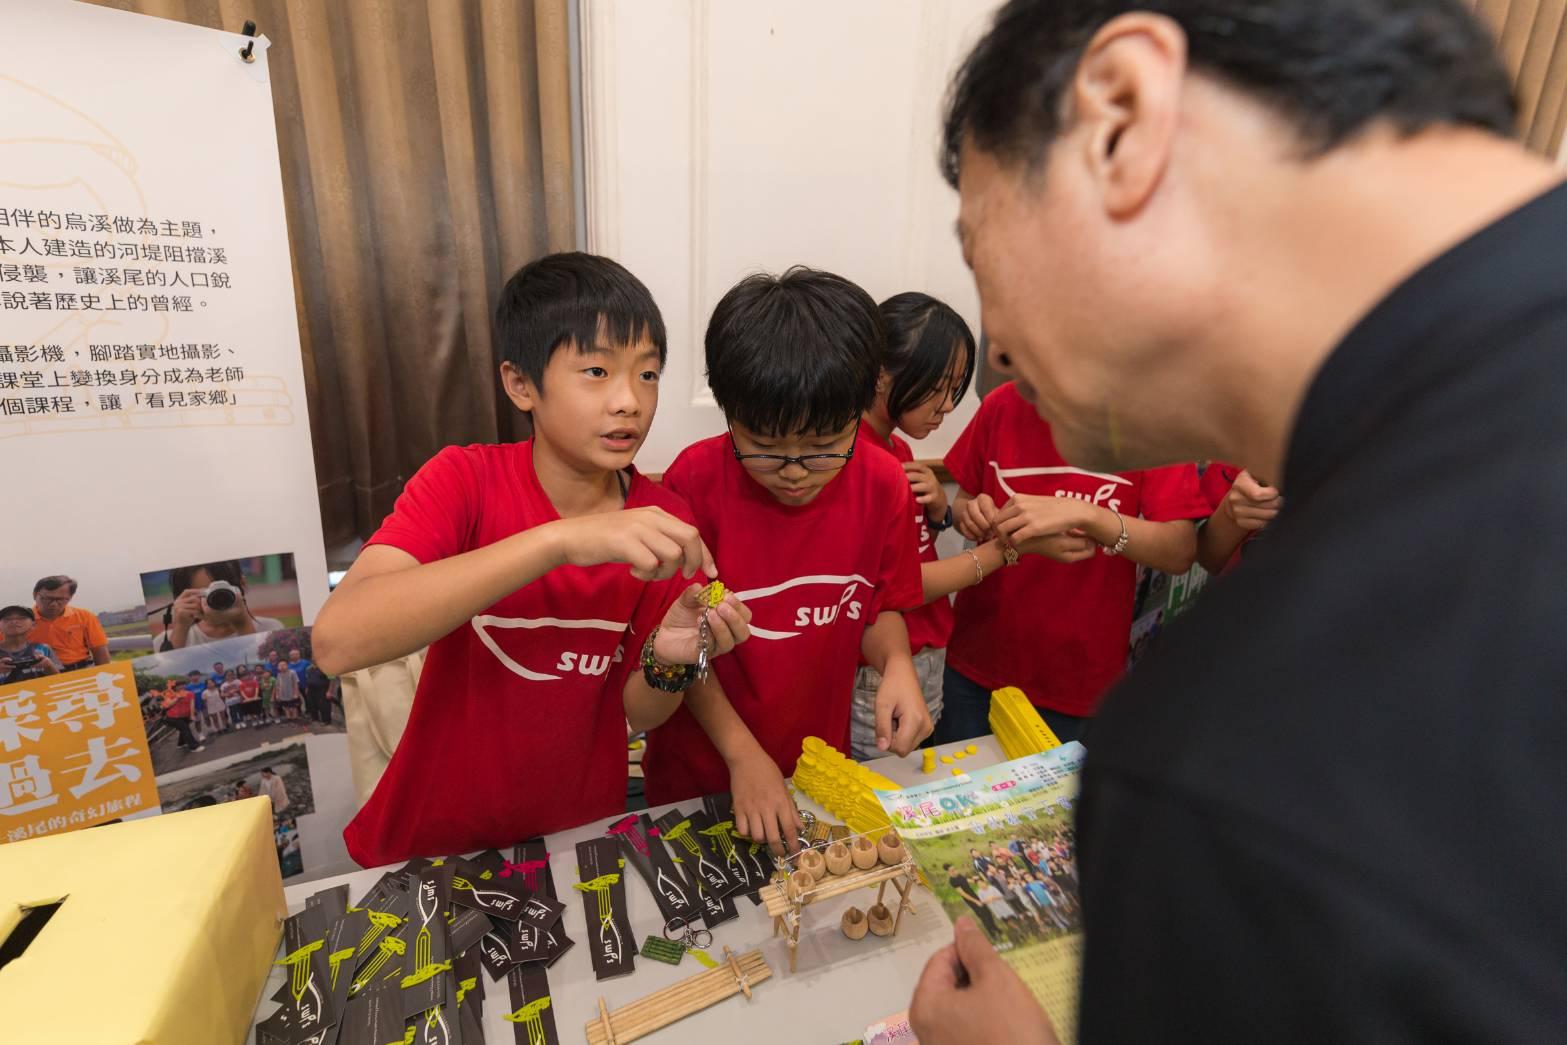 小小導演帶您探索家鄉滿滿正能量 2019看見家鄉影展暨成果發表-中華民國愛自造者學習協會